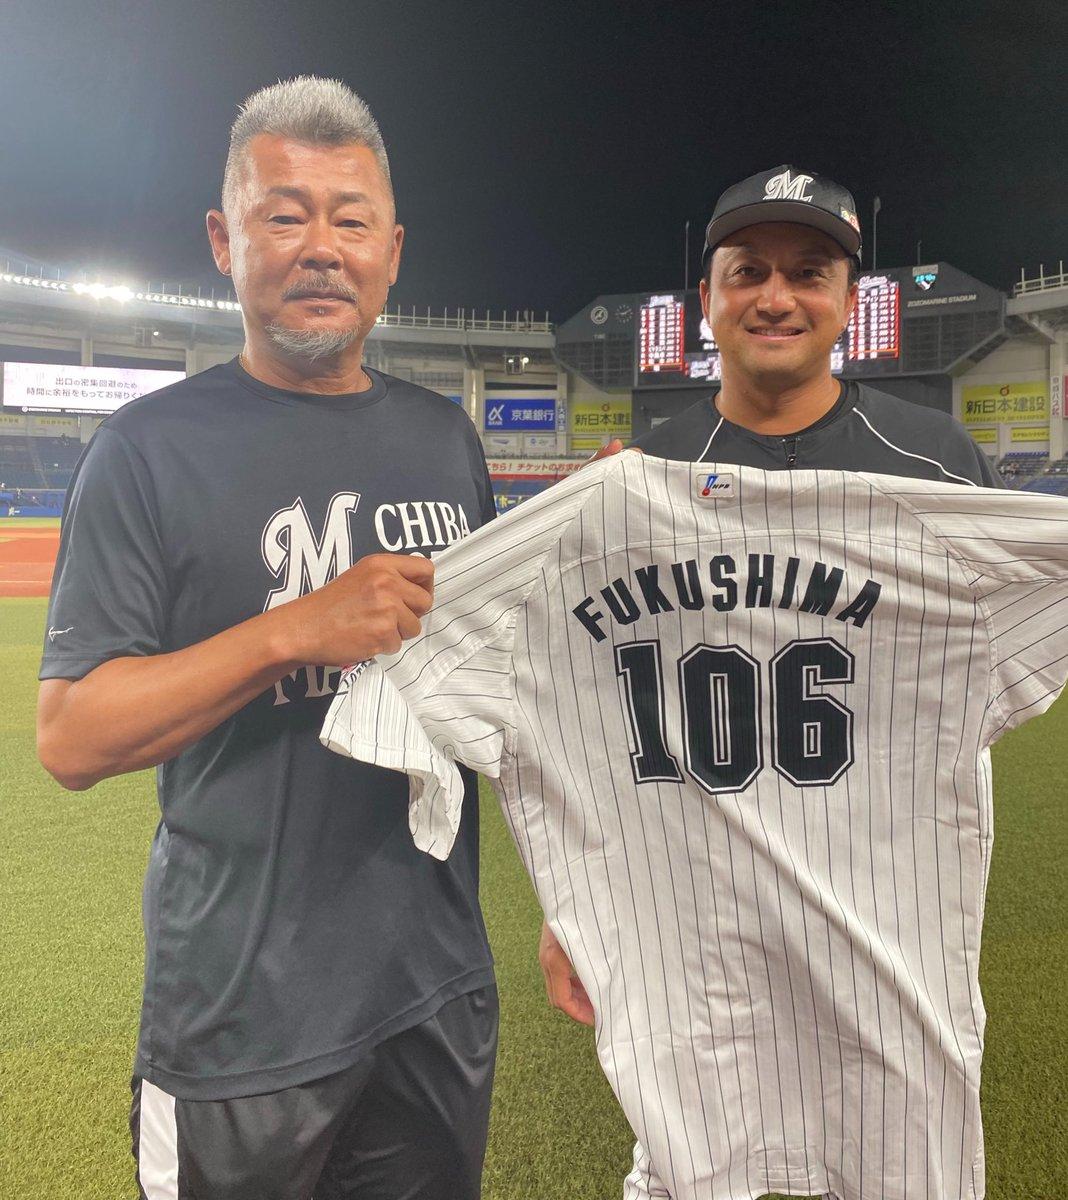 打撃の投手の福嶋明弘さんのユニホームを着て登板した澤村投手と福嶋さん。「すいません!ユニホームお借りしました!」と澤村投手。(広報) #chibalotte